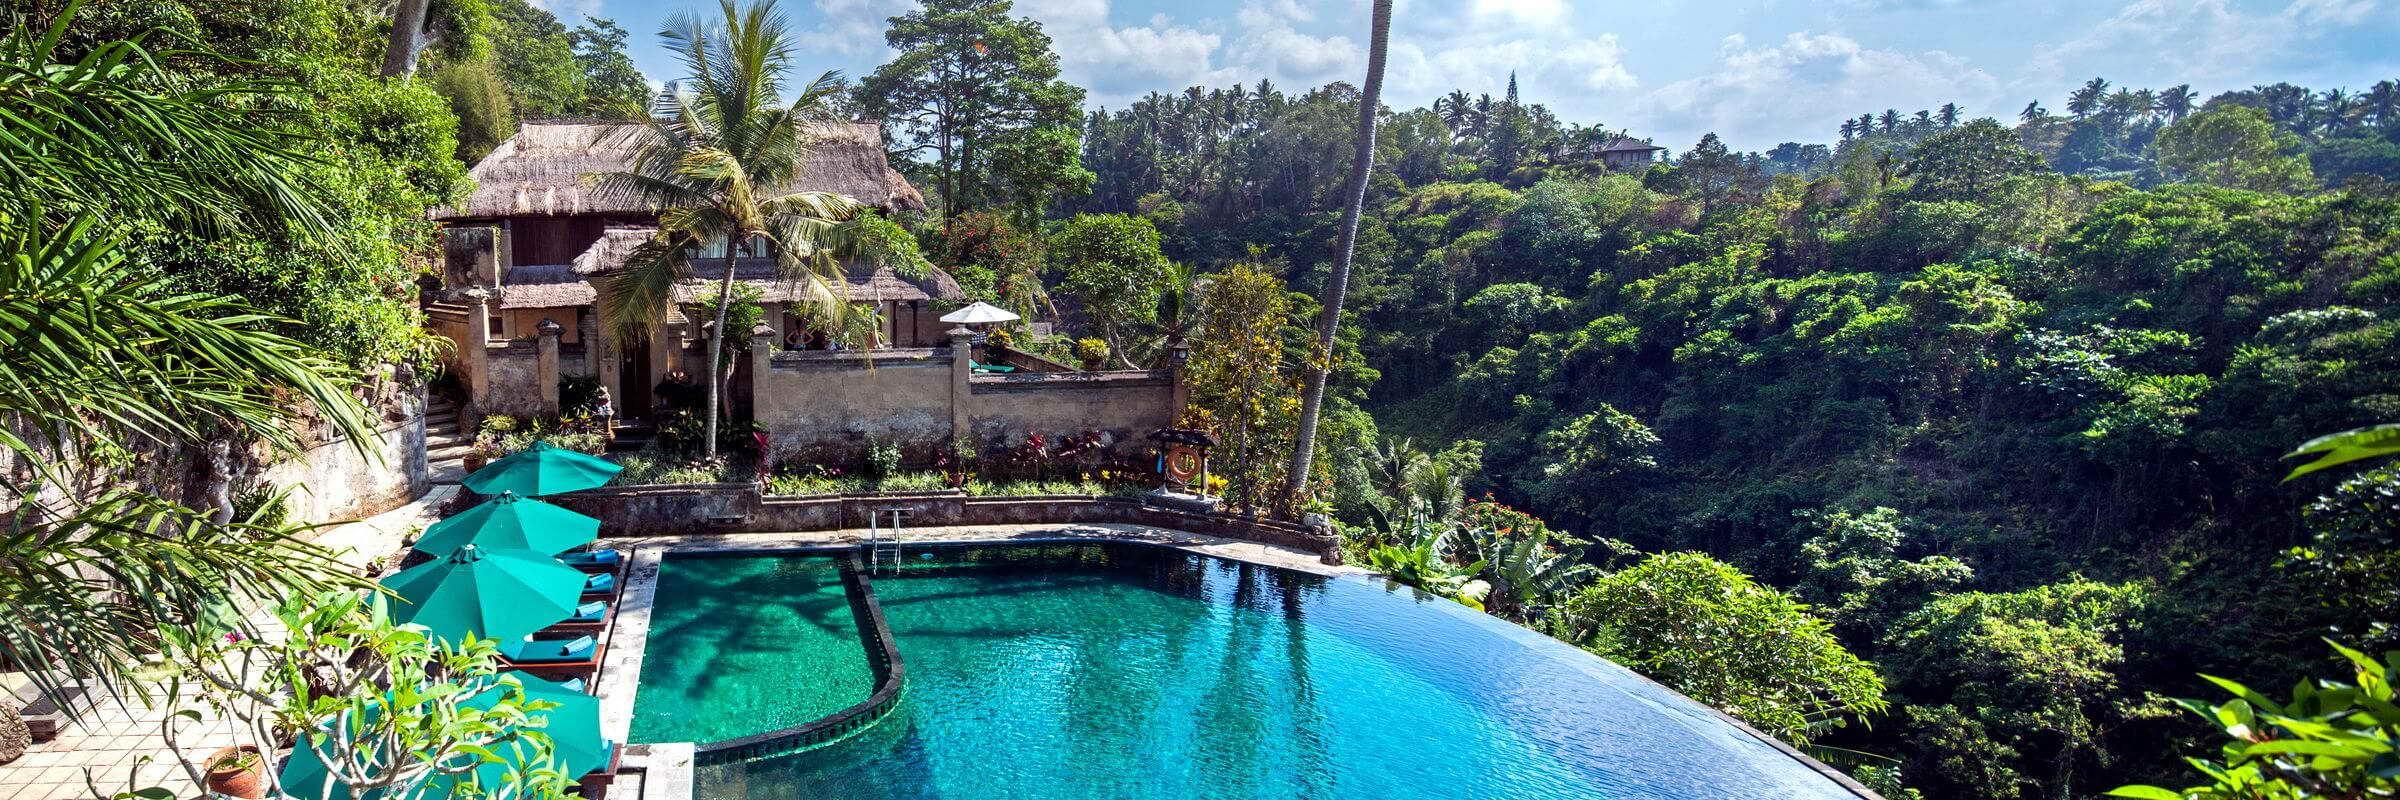 Der große Panorama-Swimmingpool mit Sonnenterrasse und Poolbar im Pita Maha Resort & Spa lädt zum Schwimmen und entspanntem Sonnenbaden ein.